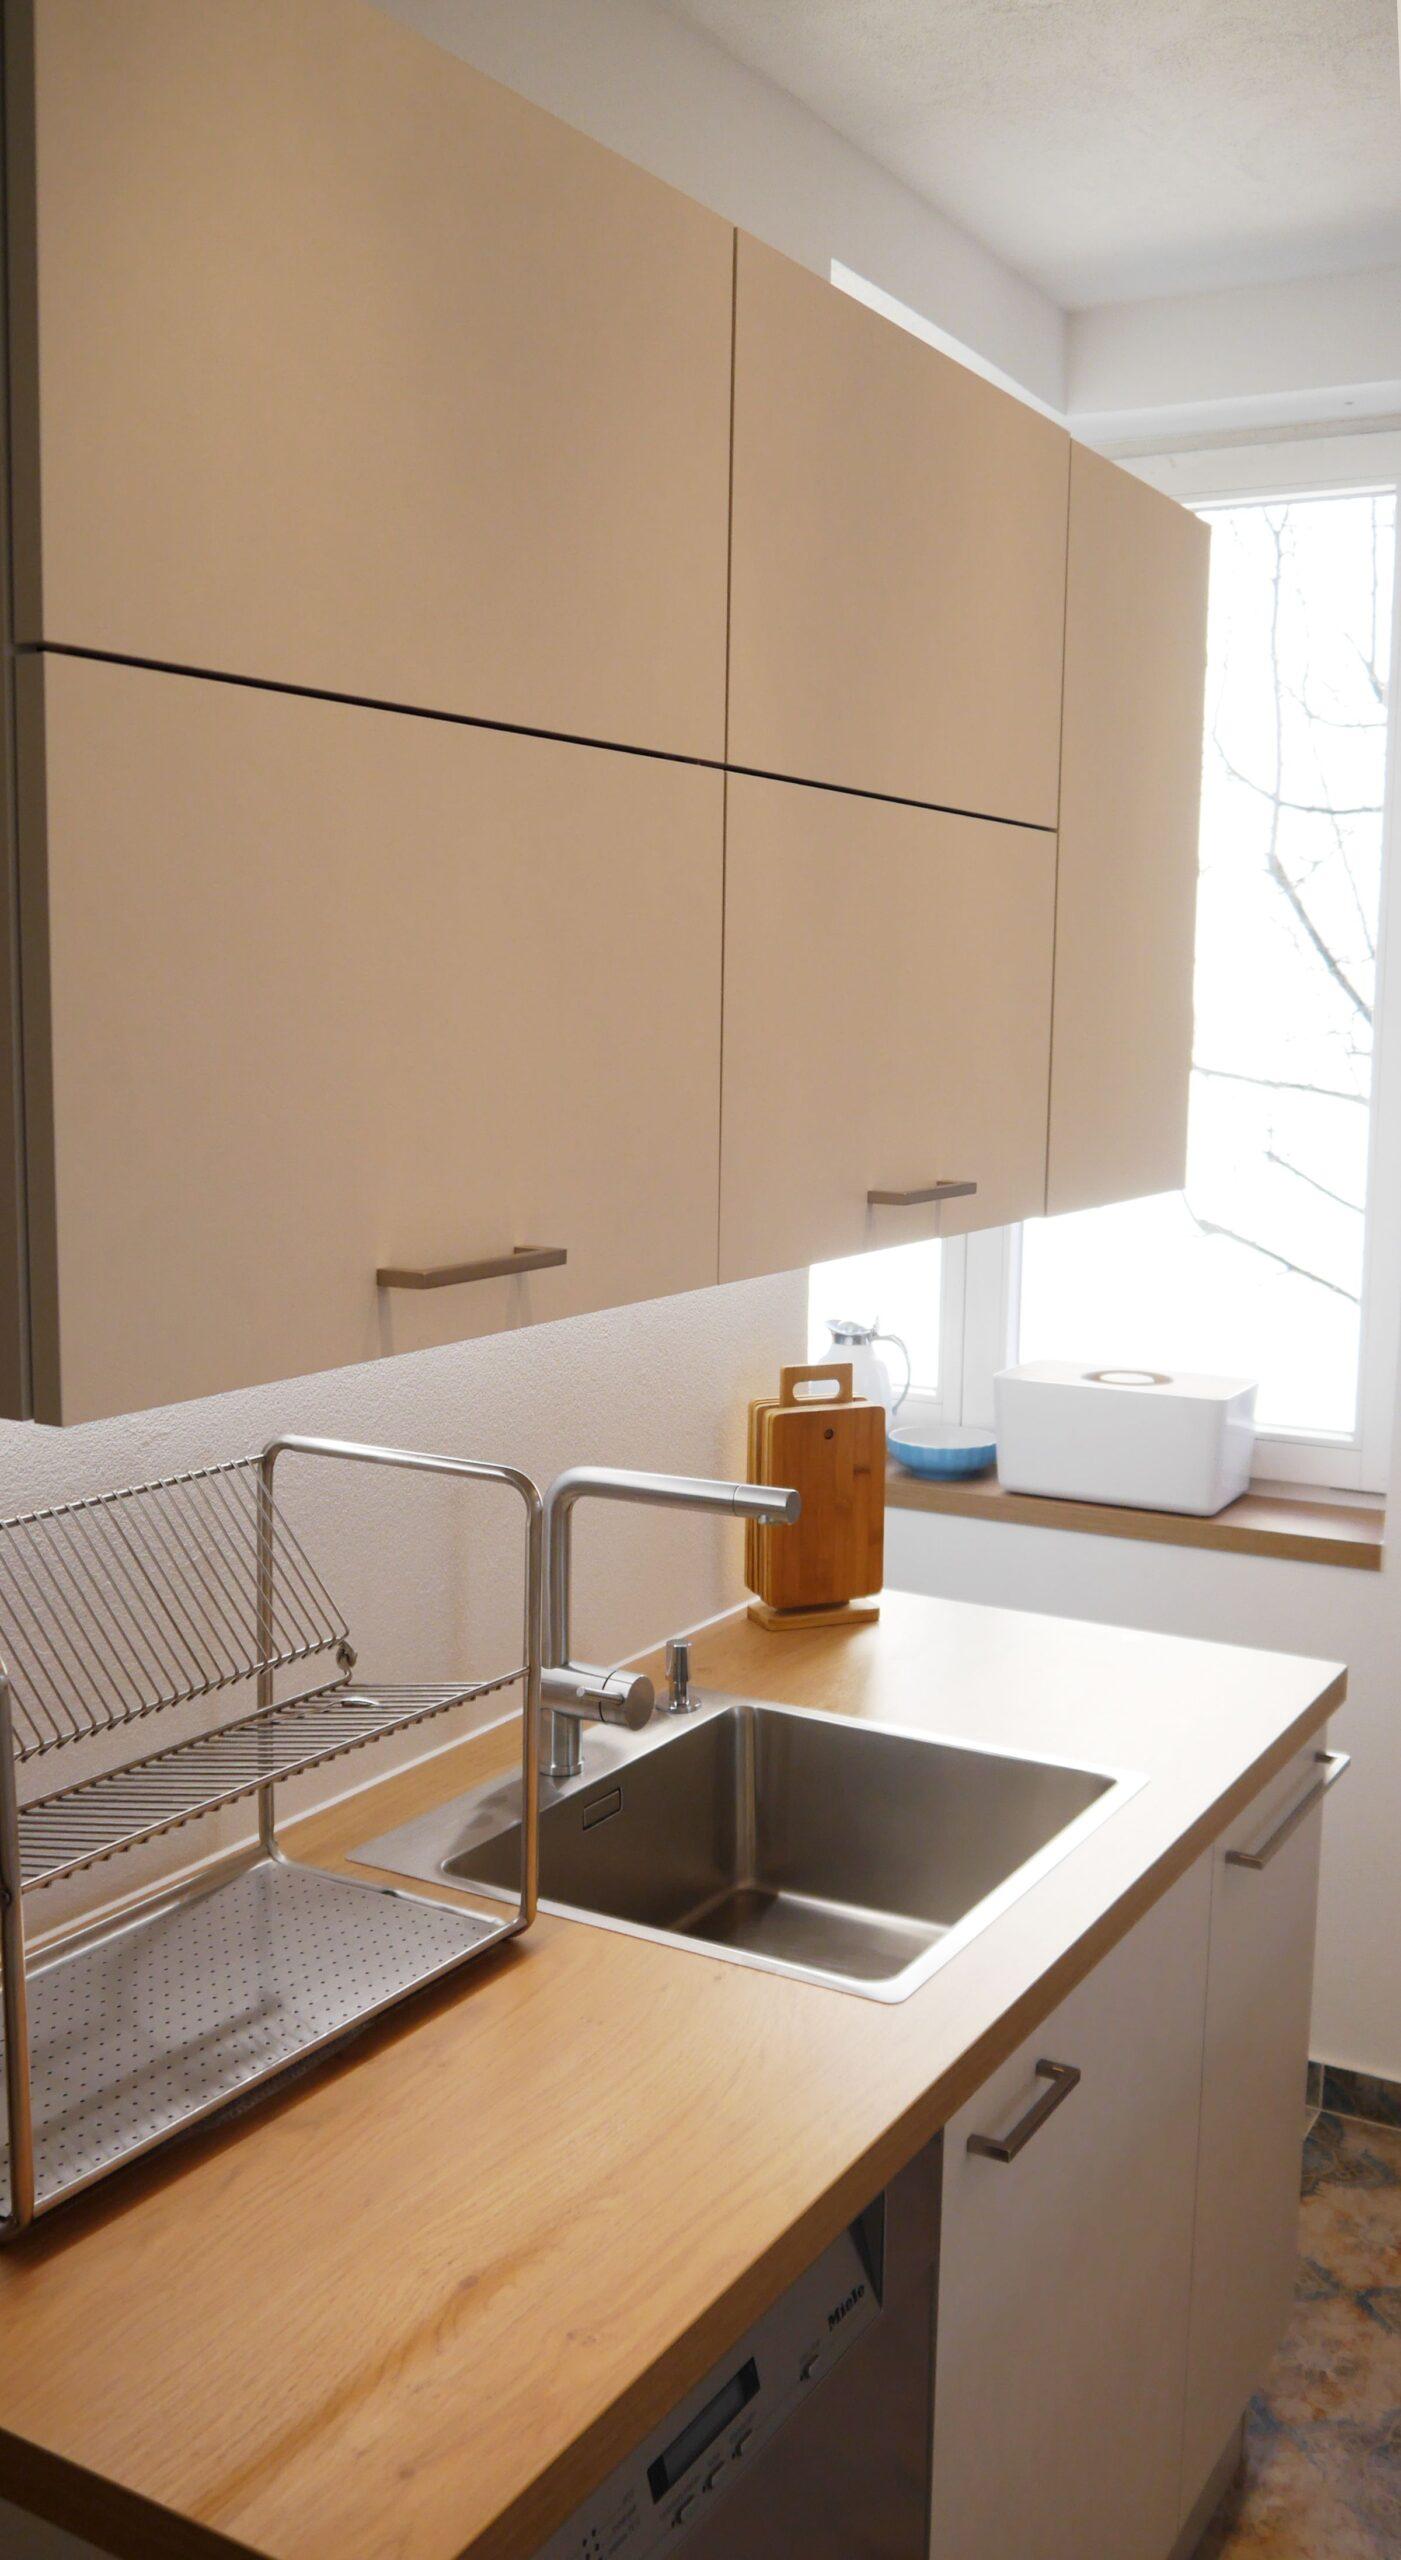 Full Size of Hängeregal Kücheninsel Splenschrank Mit Hngeregal Innenarchitektur Küche Wohnzimmer Hängeregal Kücheninsel